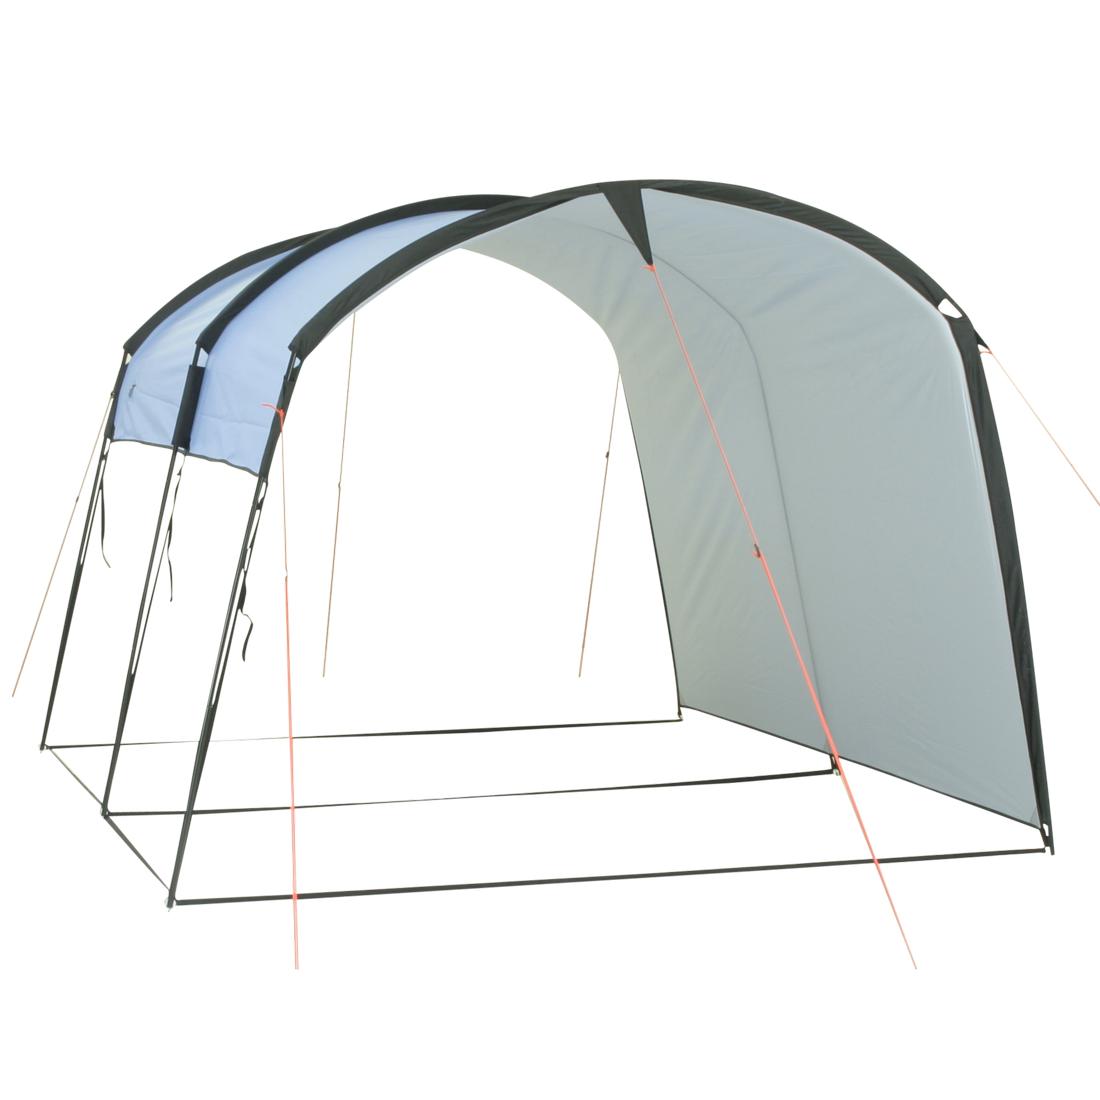 10t addison pavillon tunnelform 292x254x197cm wind und wetterschutz blau ws 5 ebay. Black Bedroom Furniture Sets. Home Design Ideas